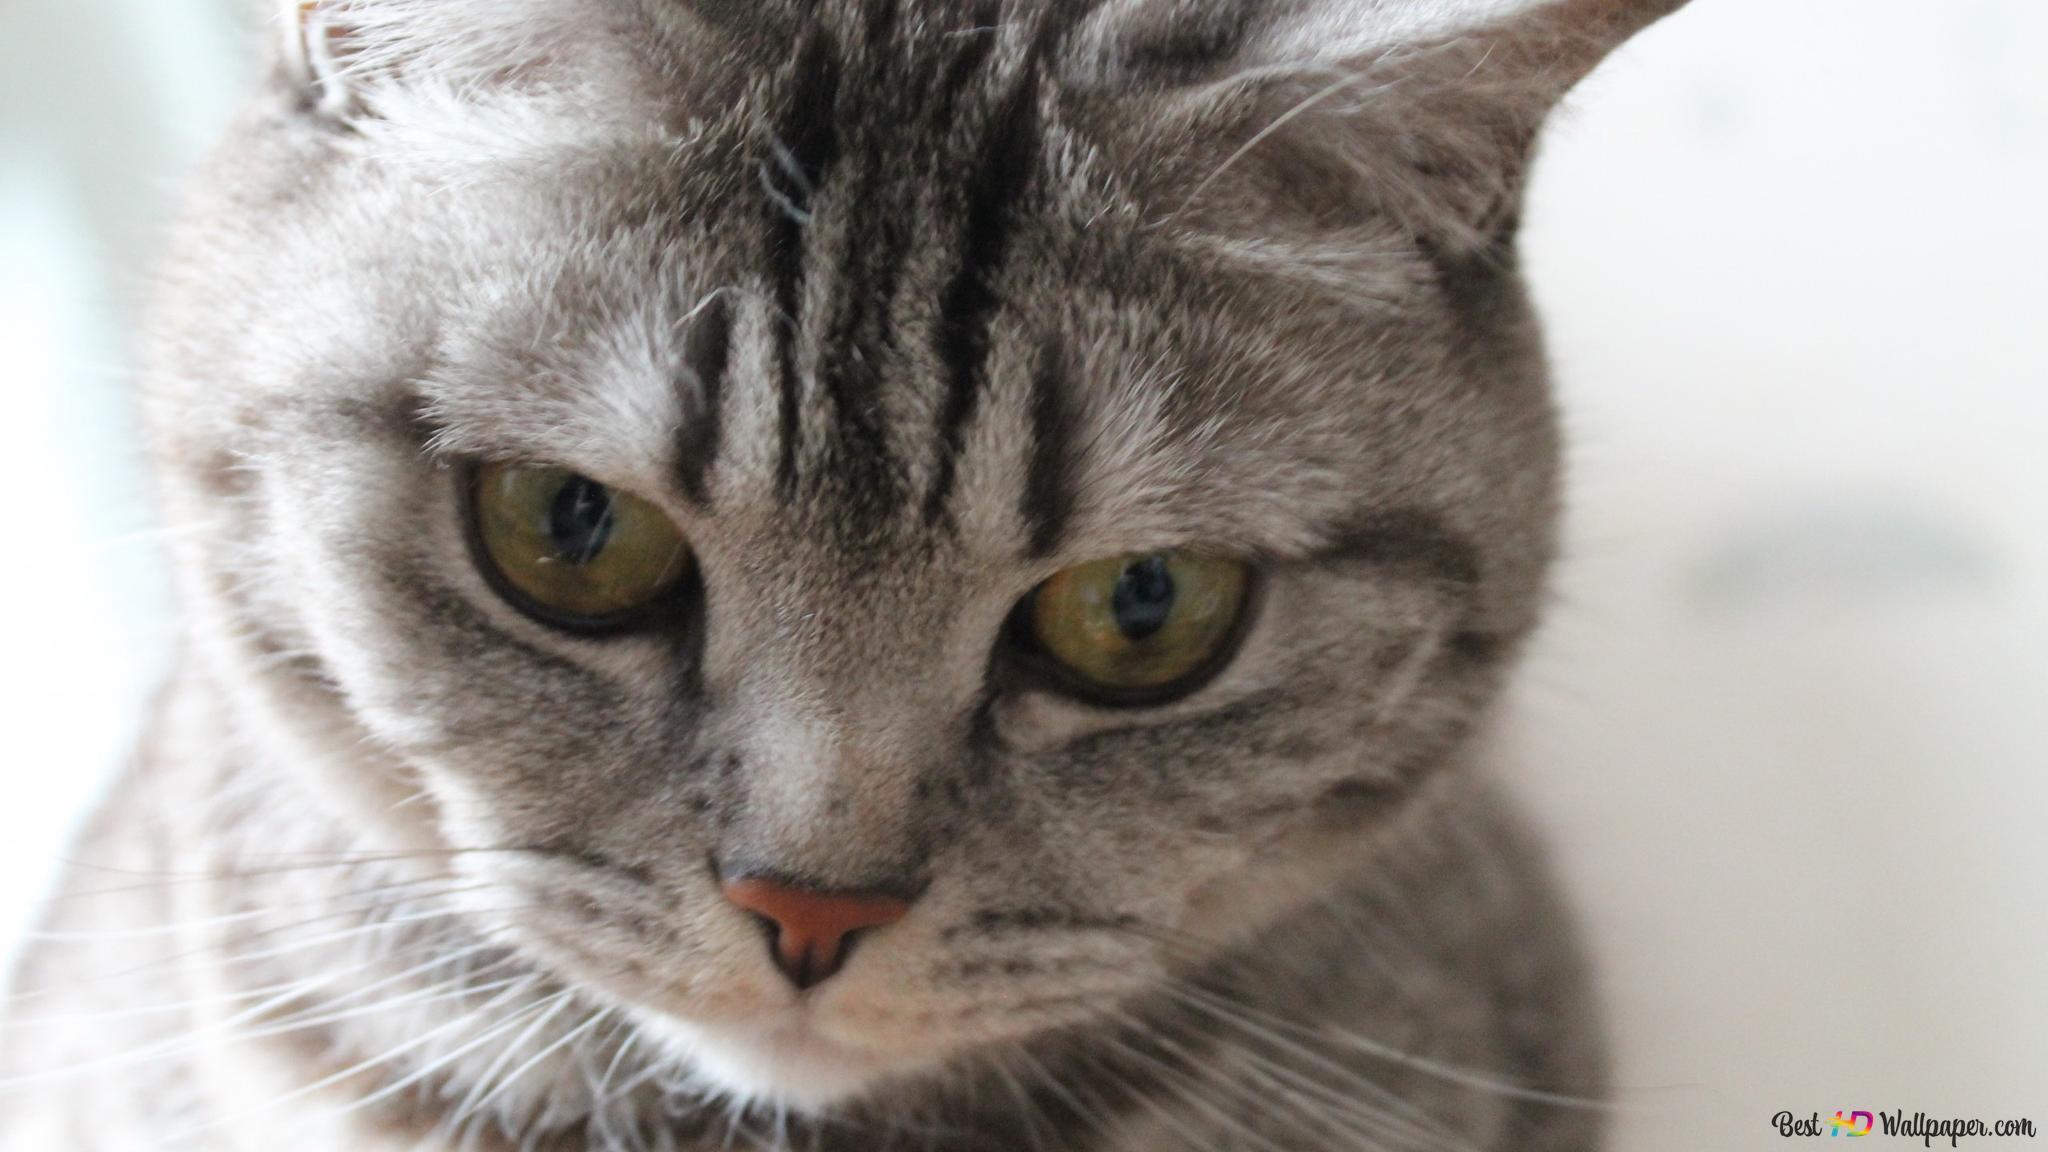 動物 猫 Hd壁紙のダウンロード